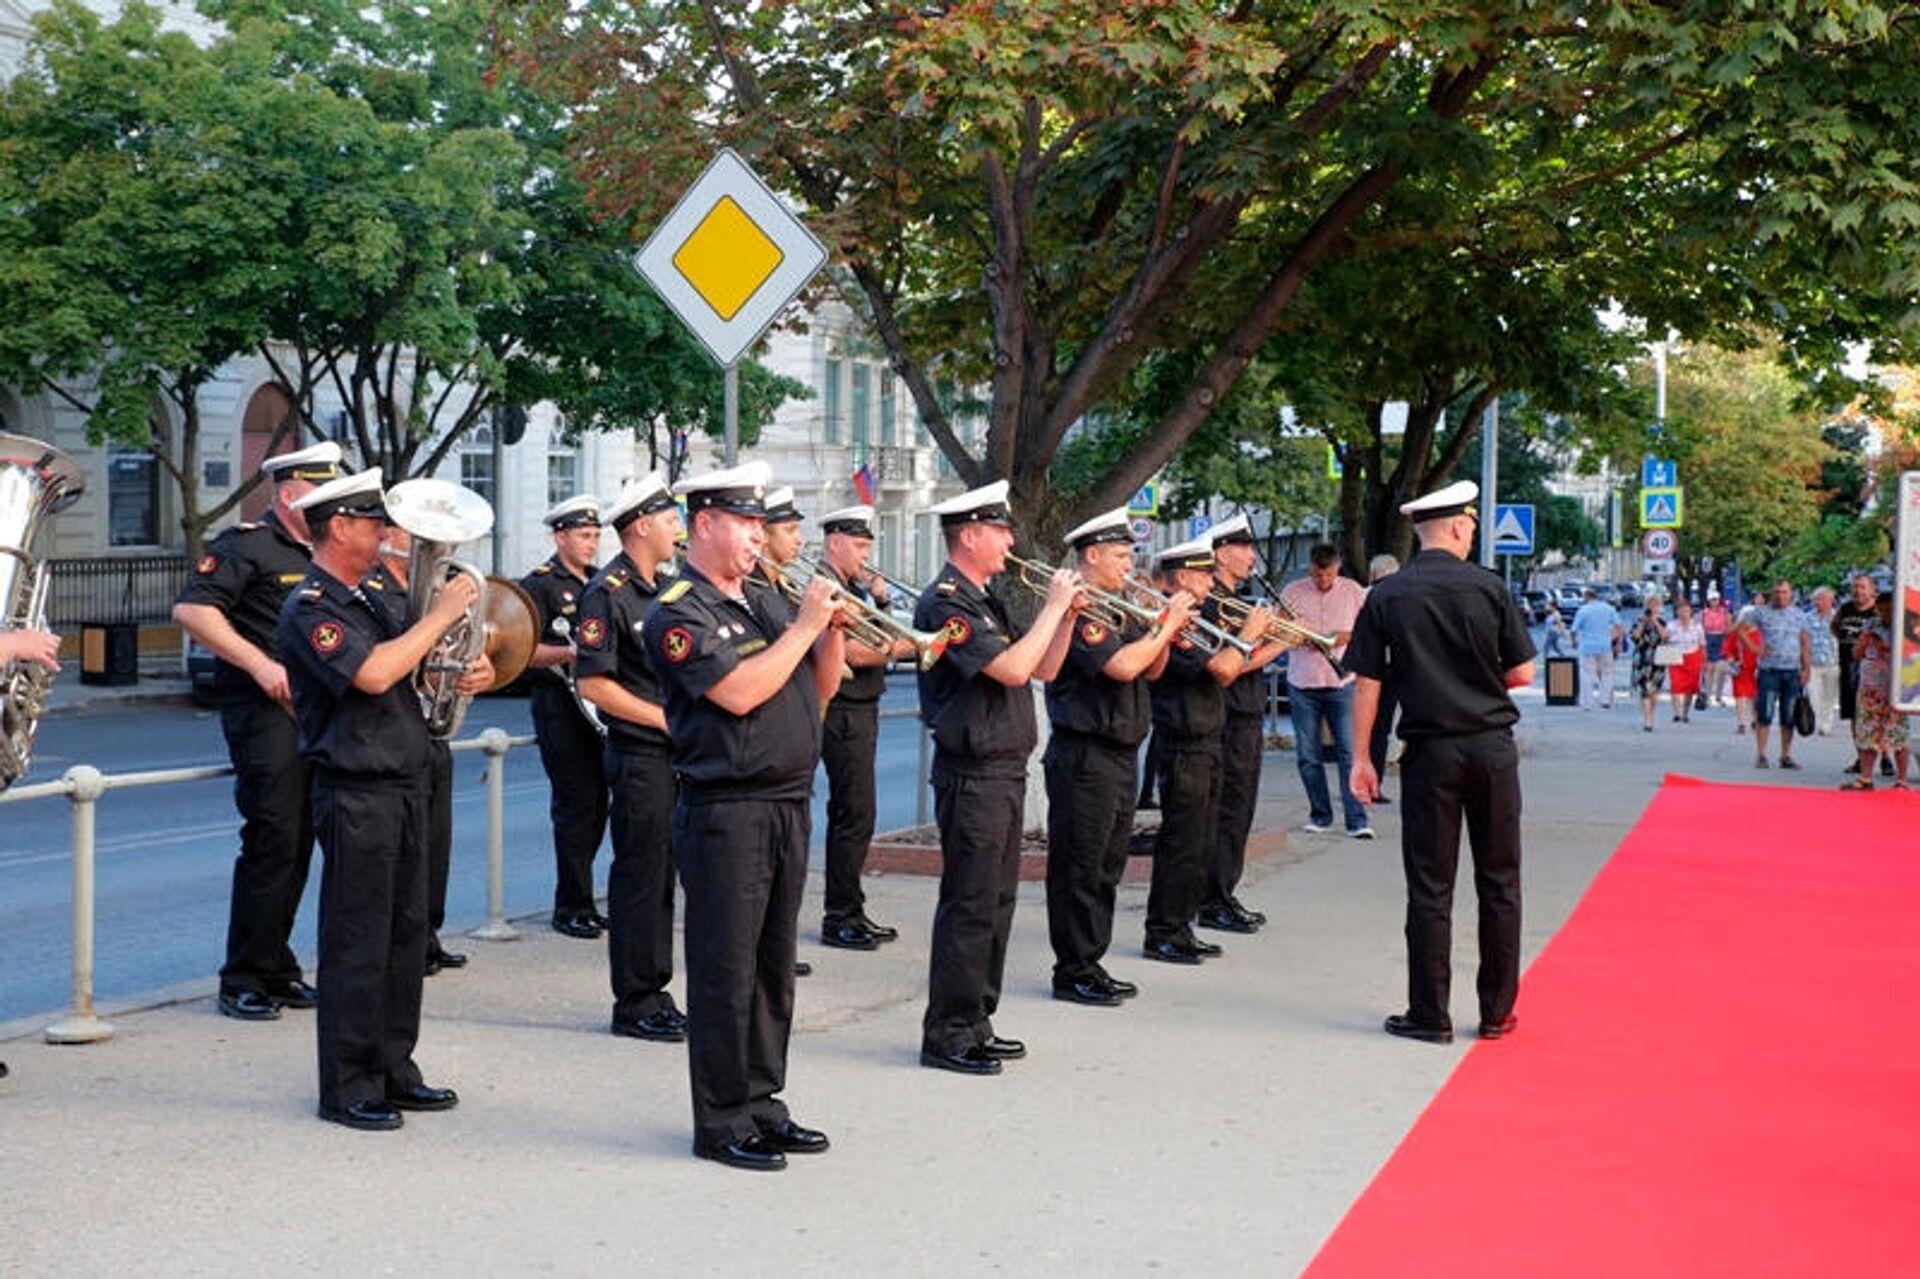 Торжественная церемония открытия XVI фестиваля Победили вместе в СЦКиИ, 28 августа 2020 года - Sputnik Латвия, 1920, 30.08.2021